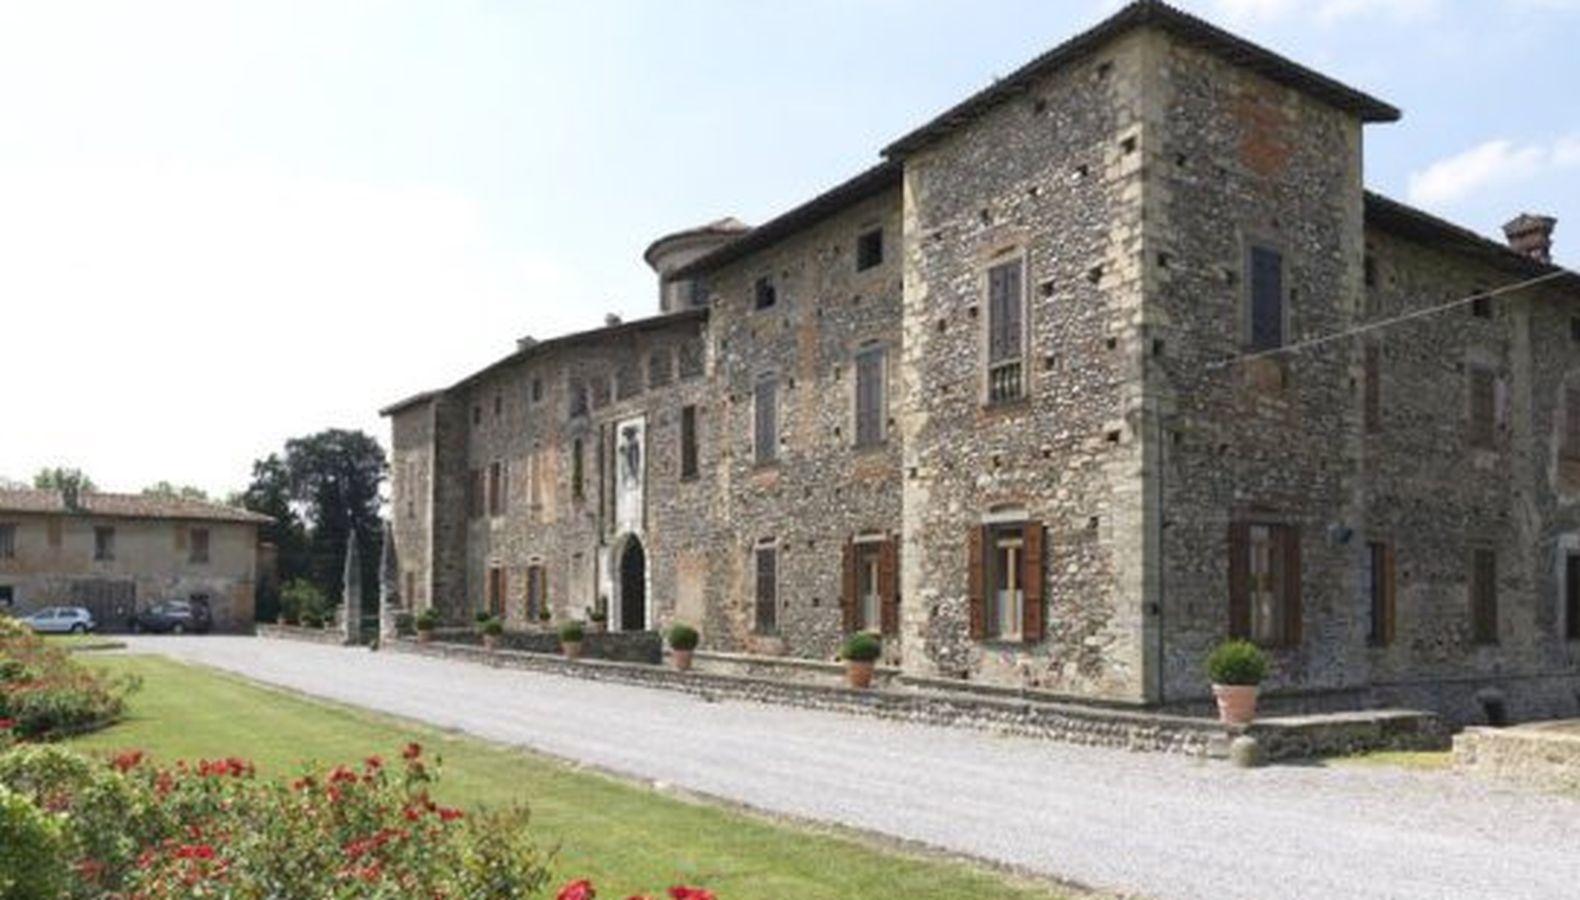 Domeniche per Ville, Palazzi e Castelli...